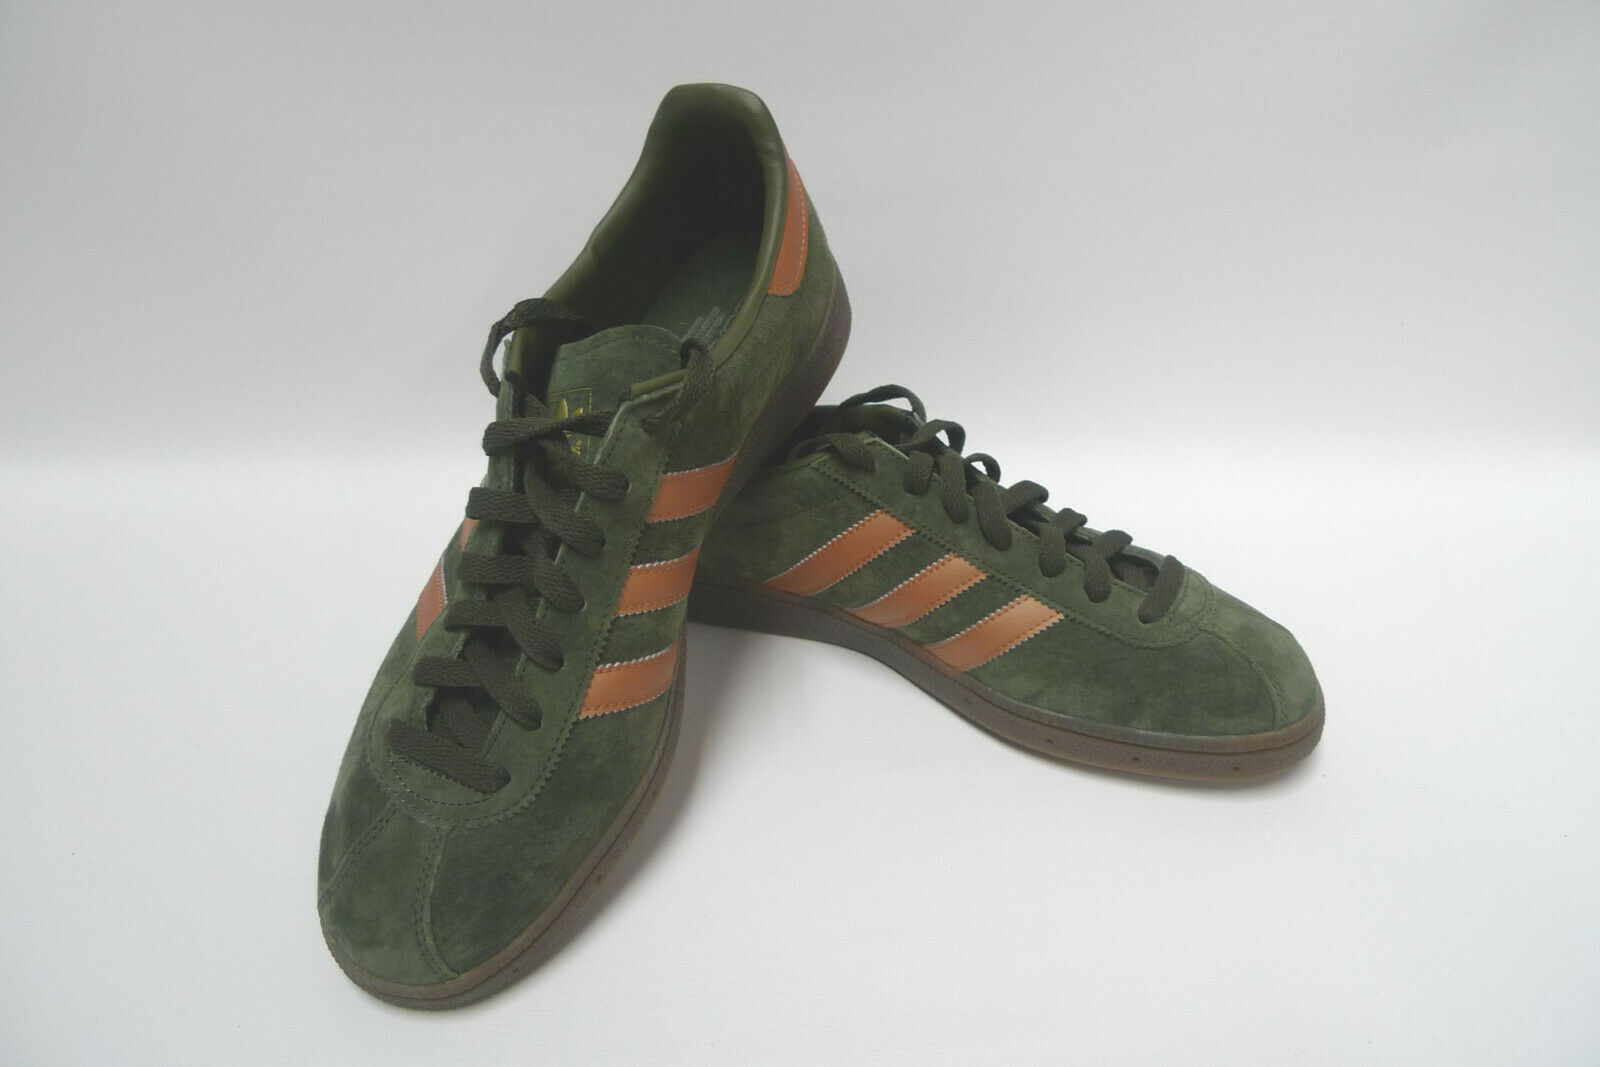 Adidas München Turnschuhe grün - Größe EU 44 2 3 - UK 10 - neuwertiger Zustand